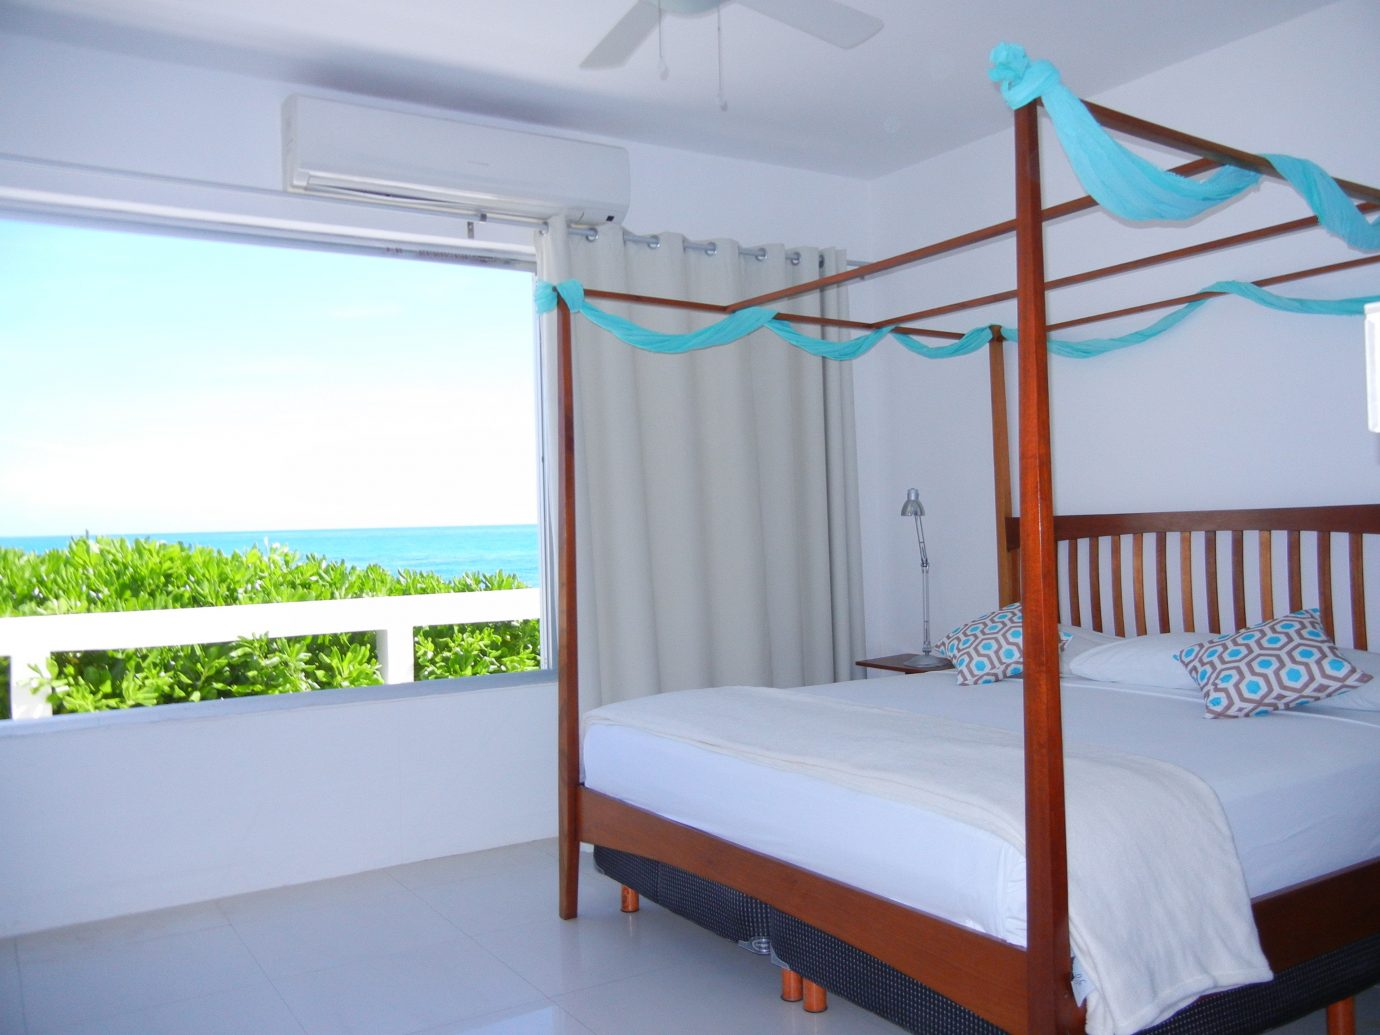 Budget bed indoor Bedroom room property ceiling furniture interior design real estate cottage apartment